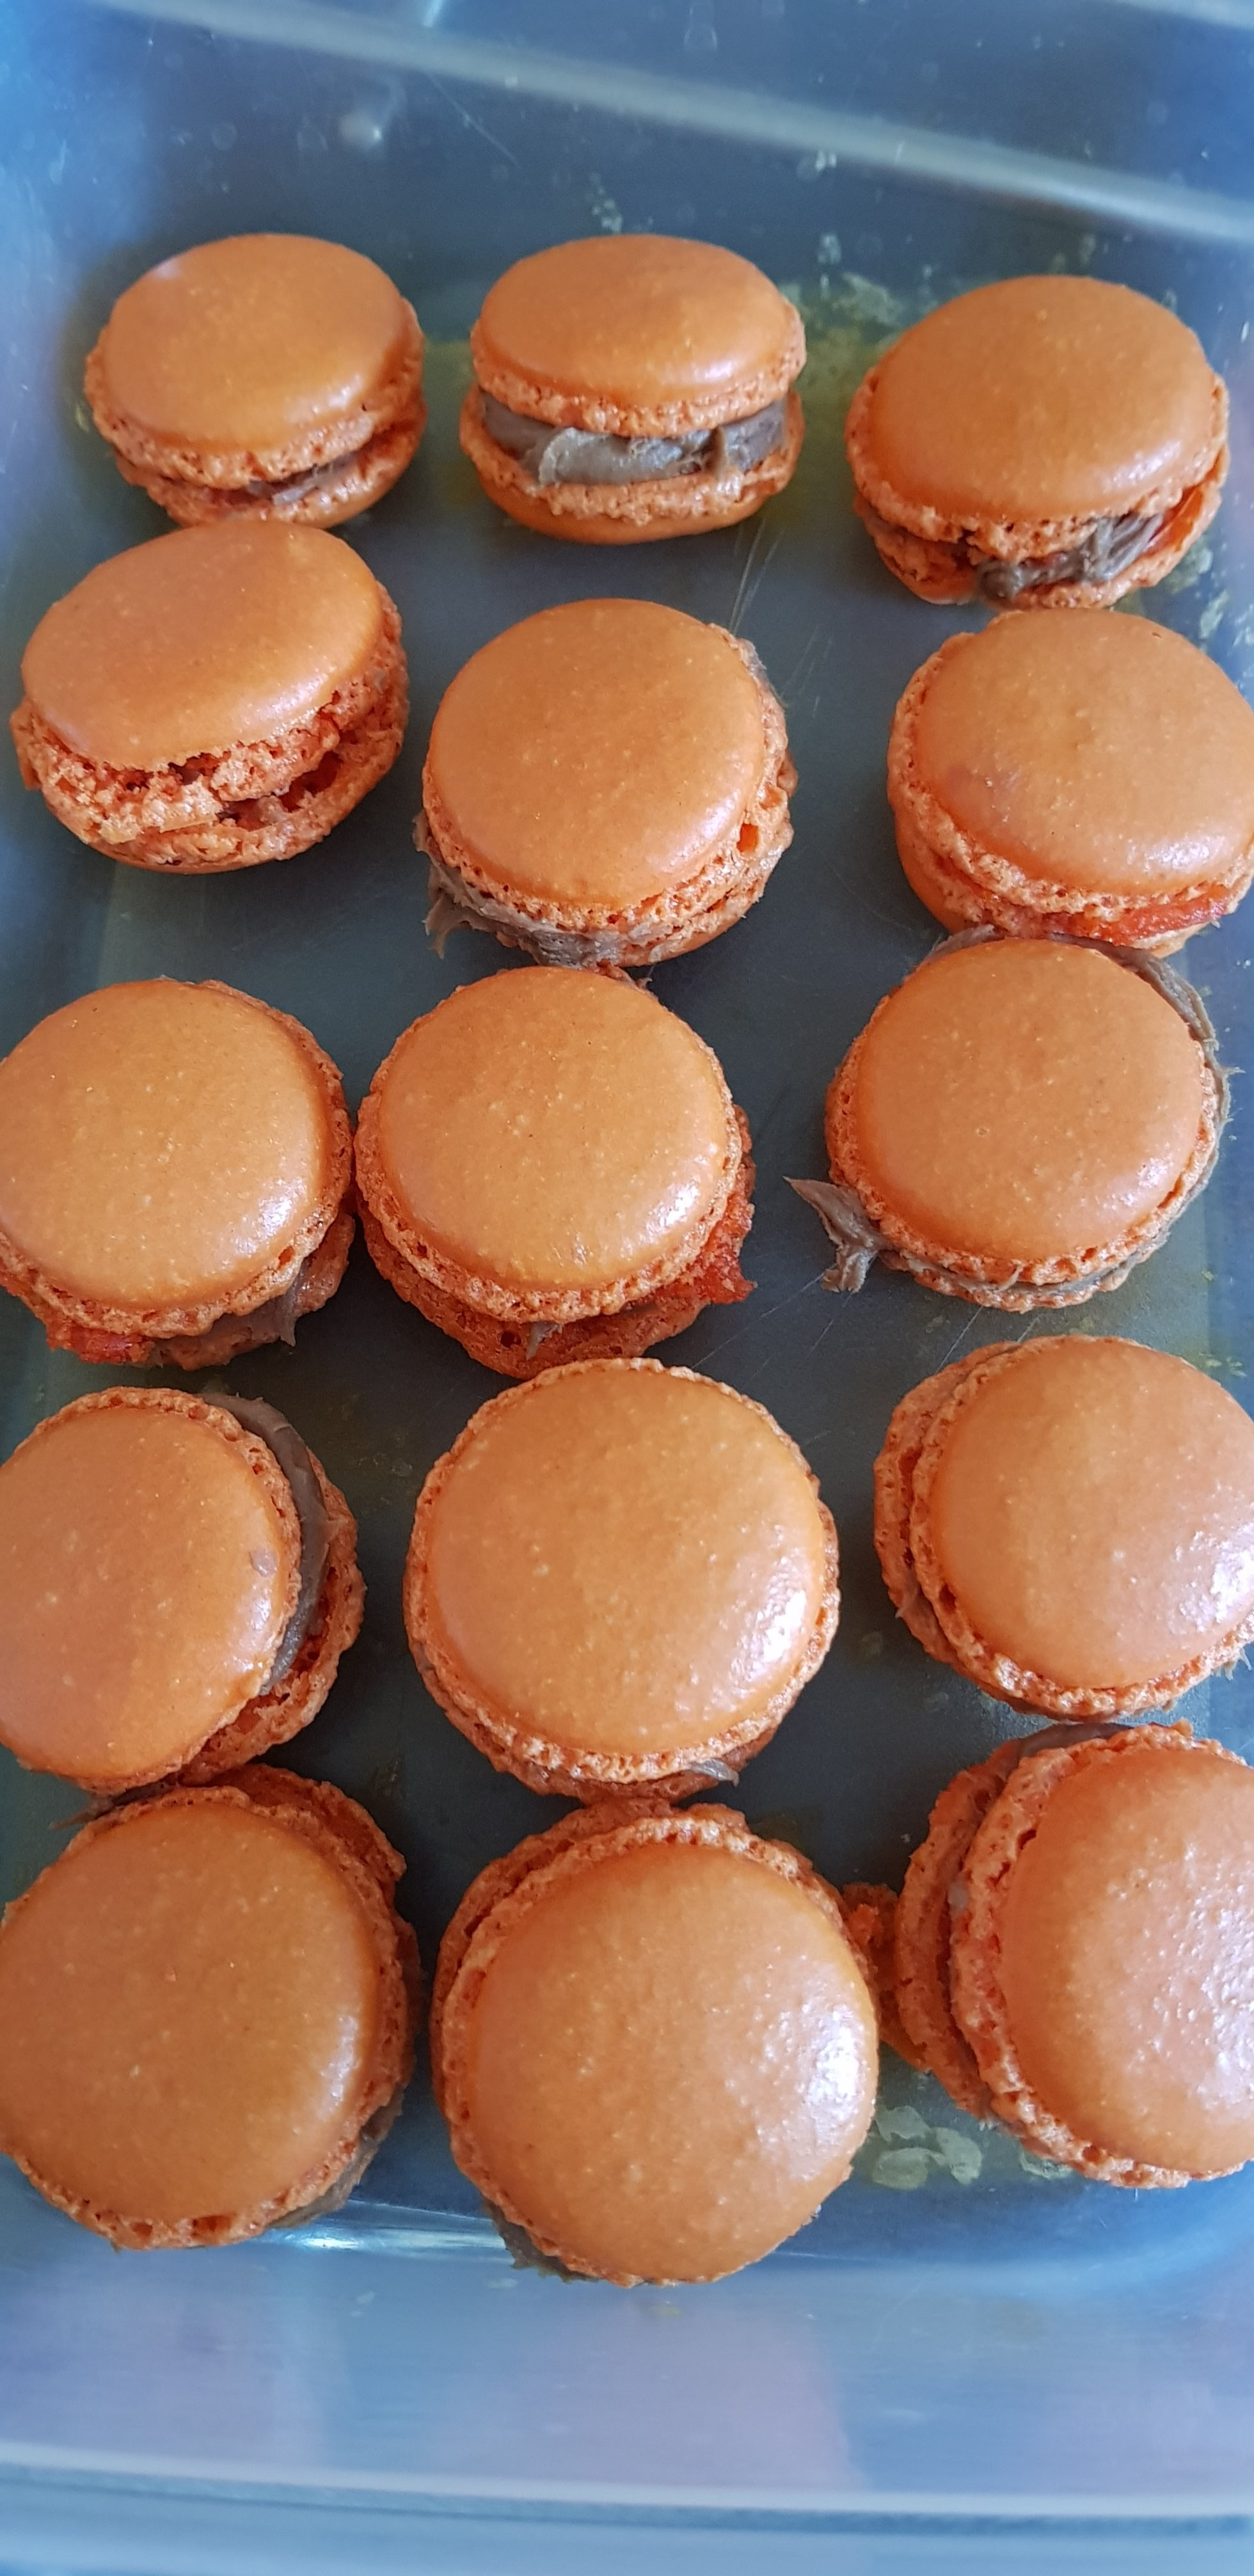 Les macarons 2ème essais